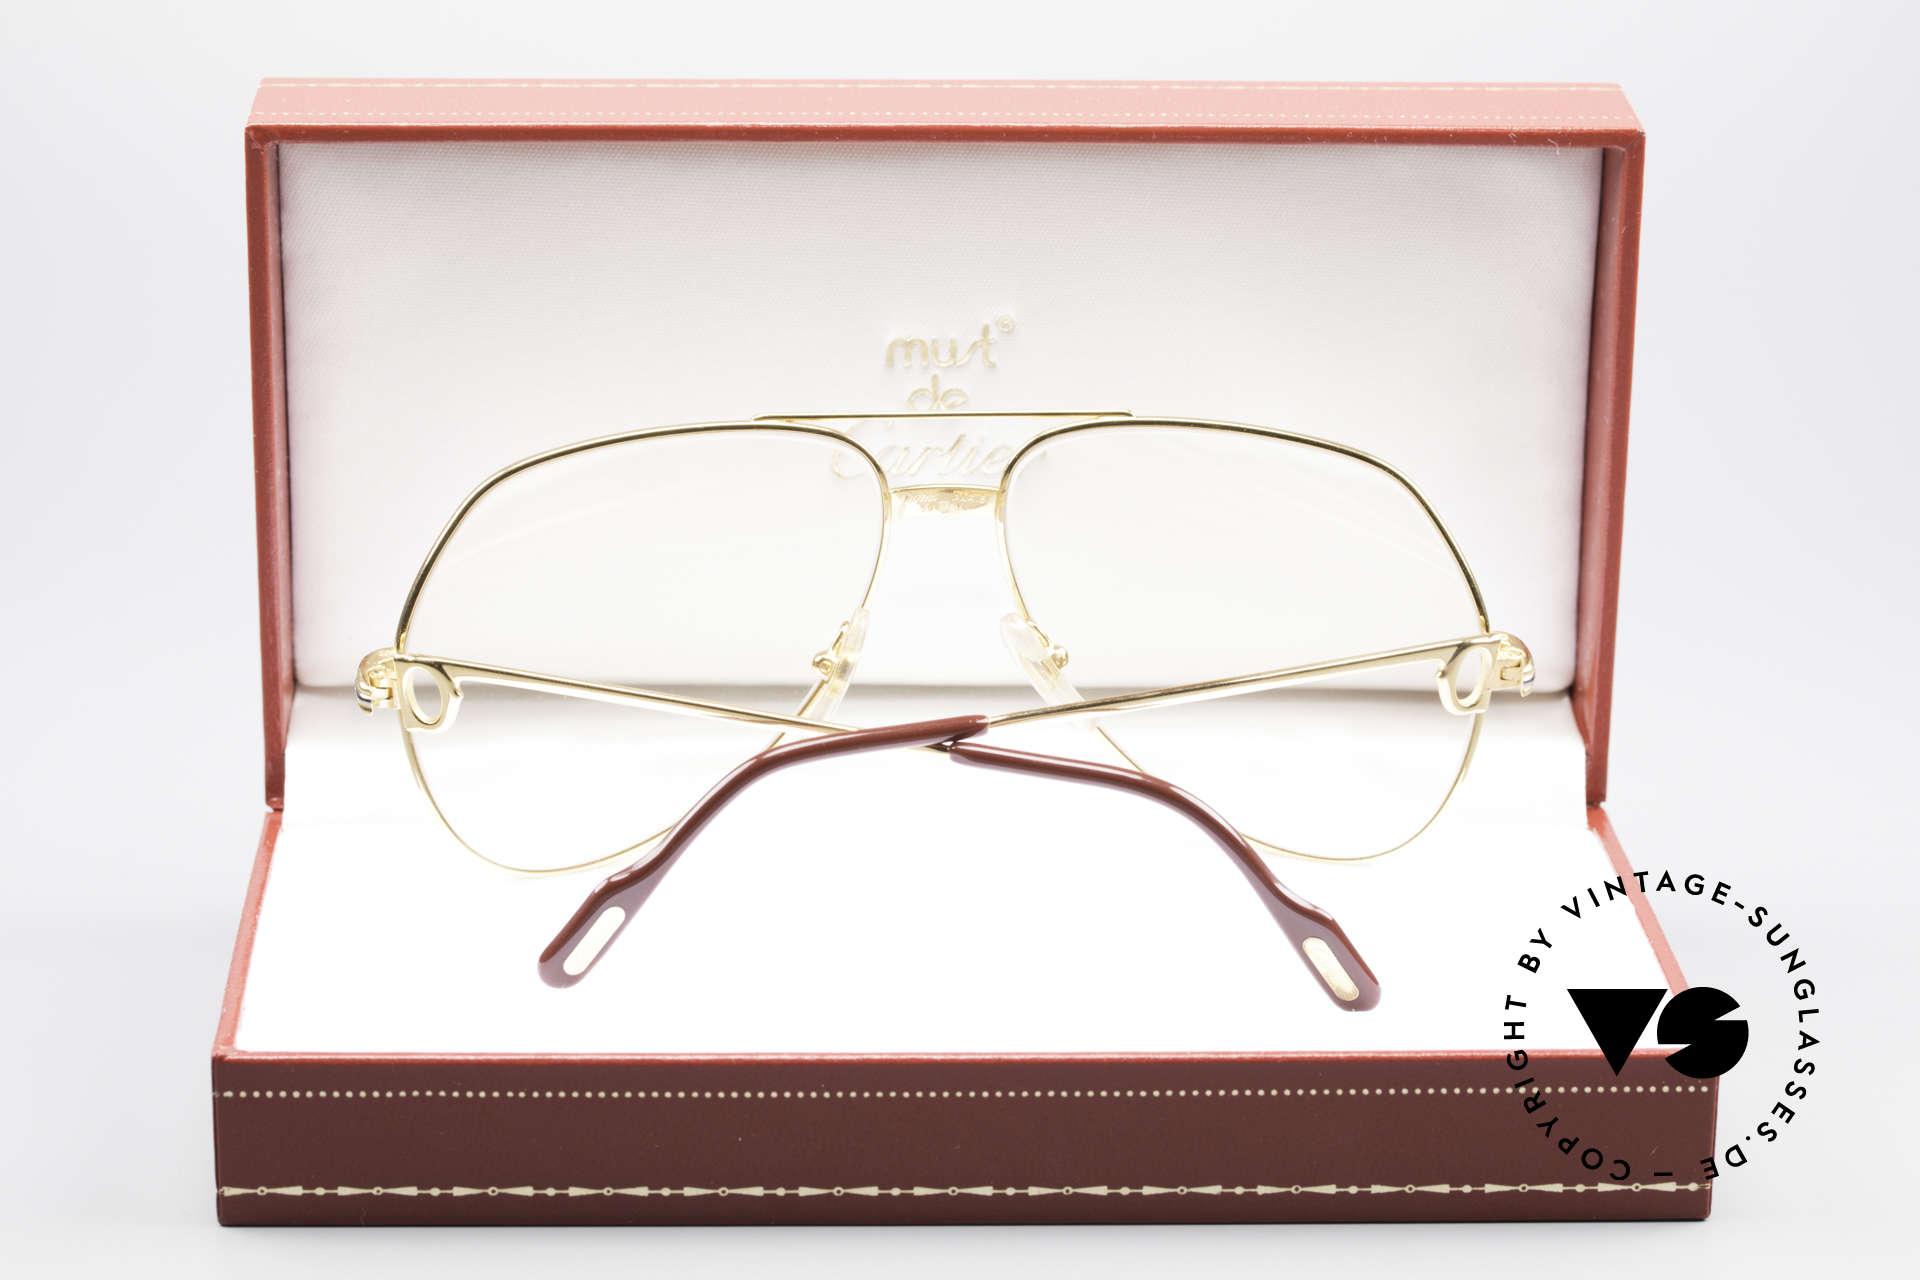 Cartier Vendome LC - M Hauchzeichen Cartier Gläser, 2.hand in neuwertigem Zustand mit original Verpackung, Passend für Herren und Damen